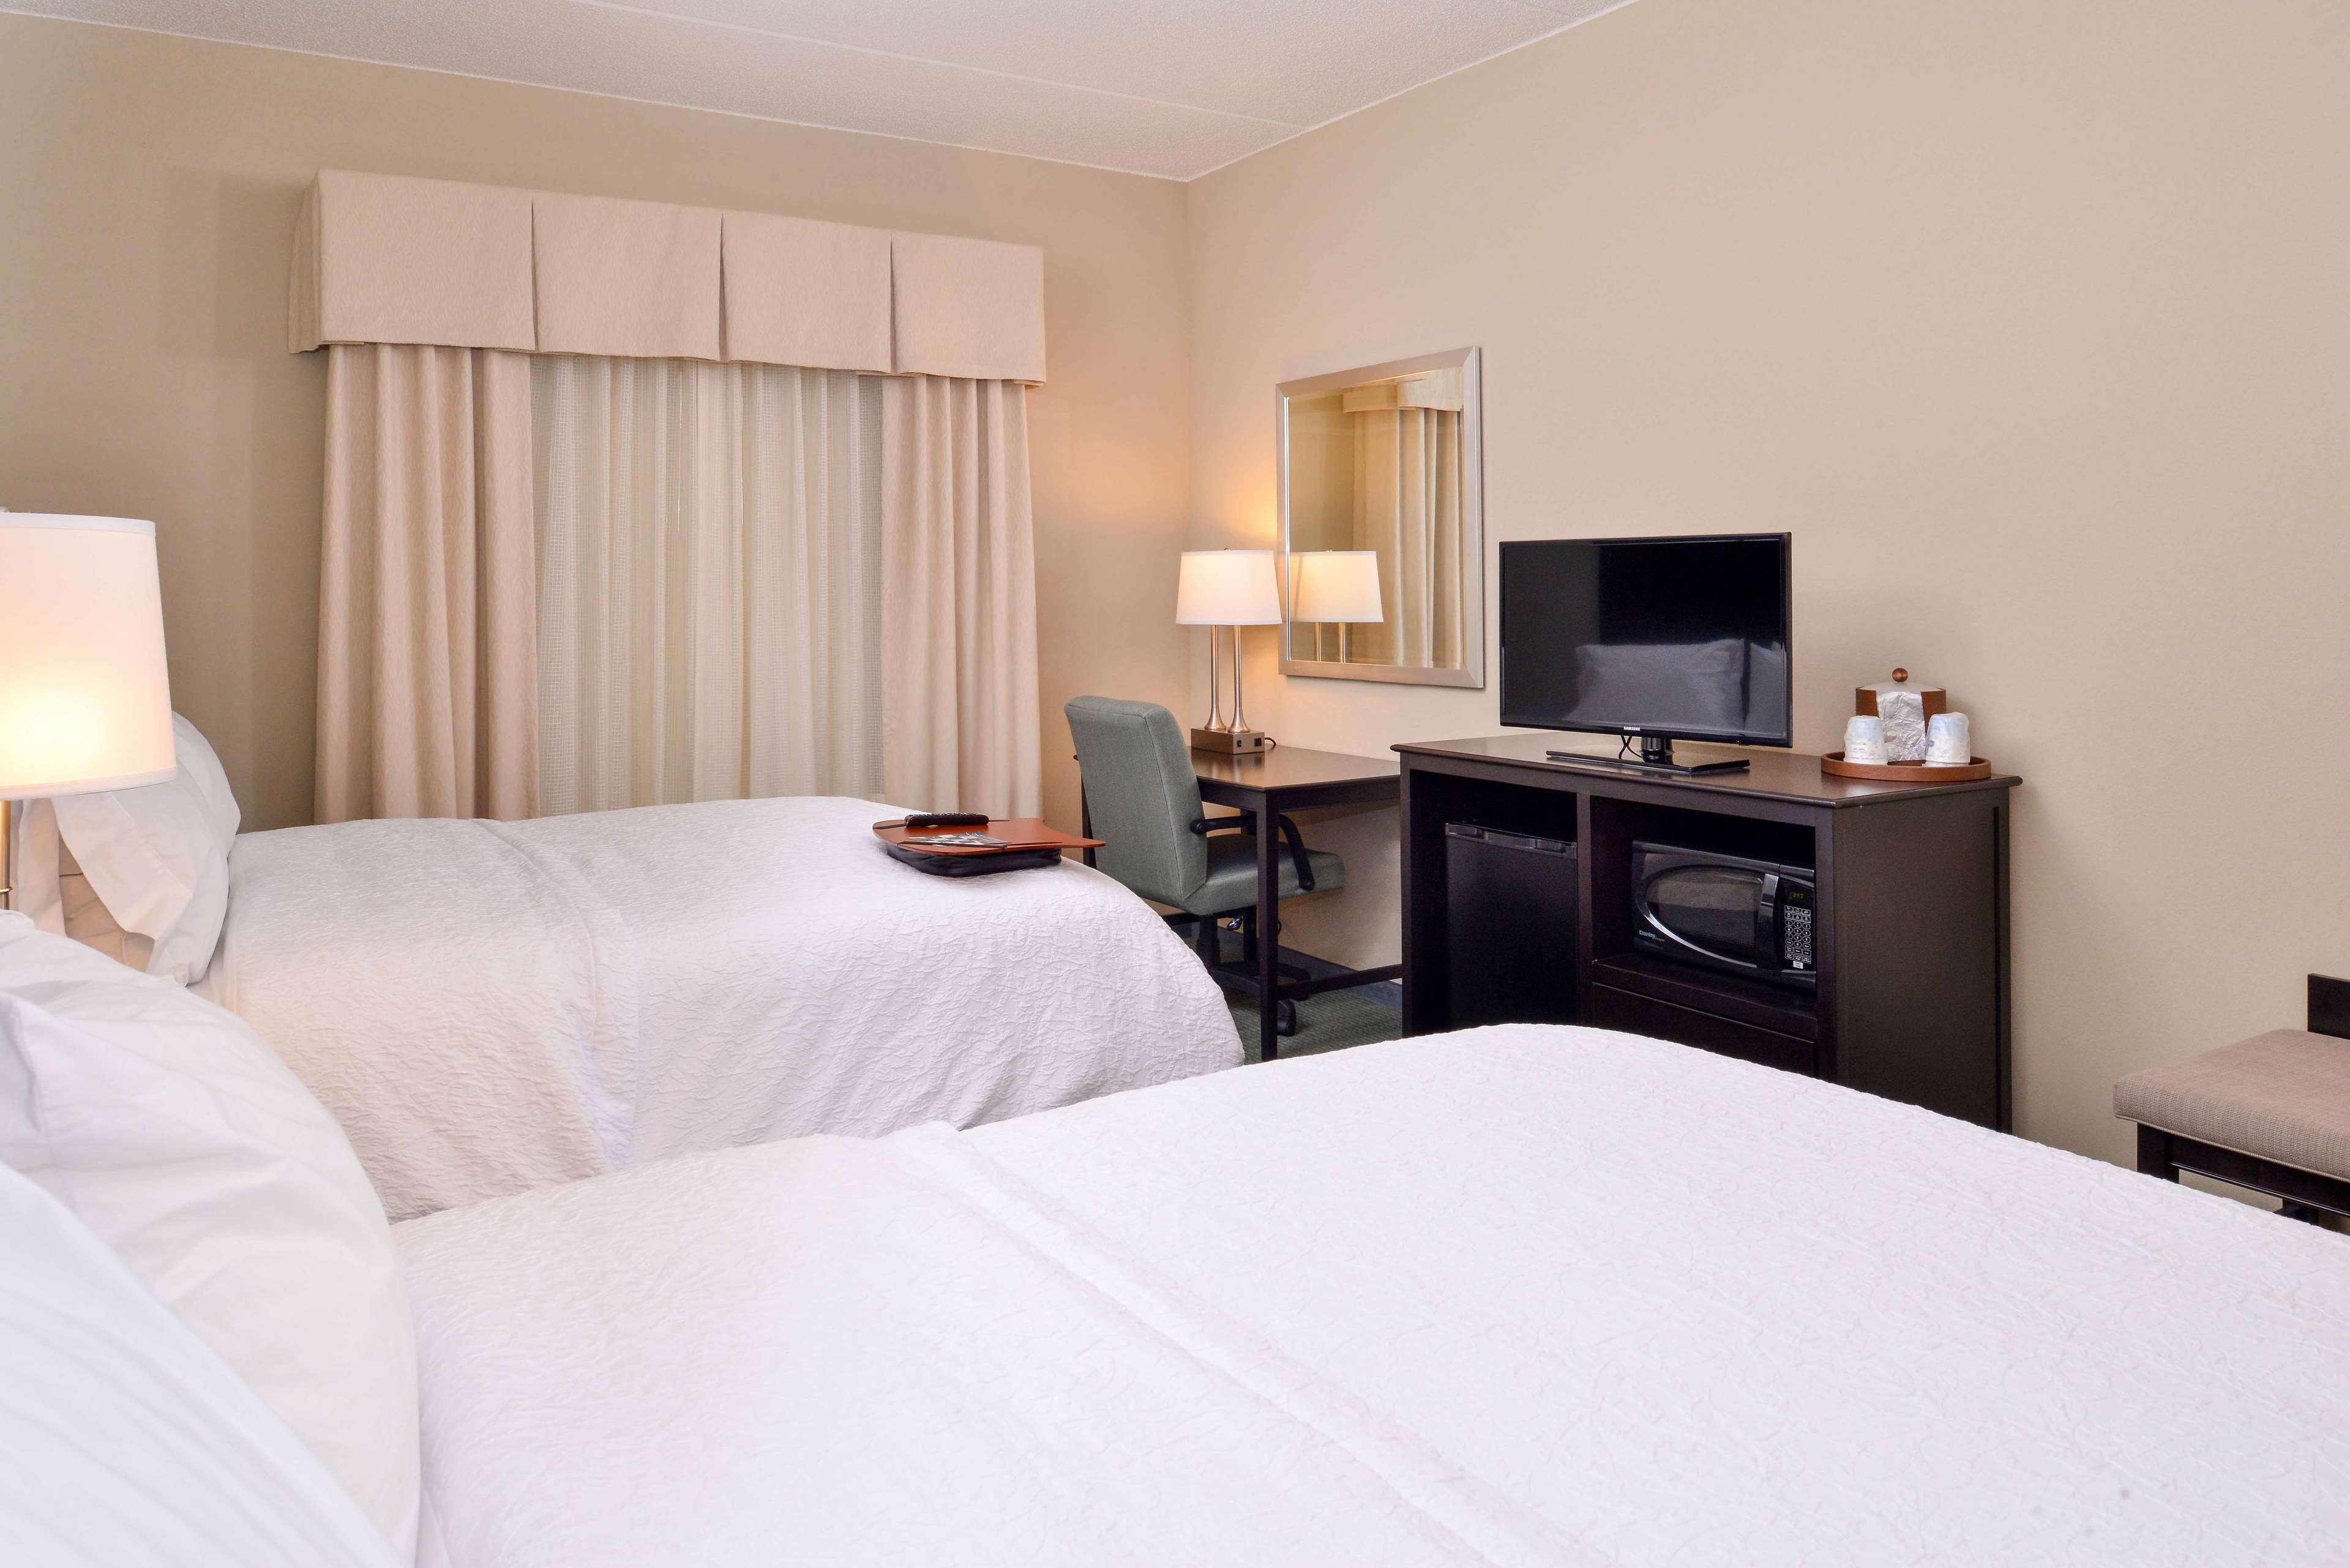 Hampton Inn & Suites Mount Joy/Lancaster West image 23